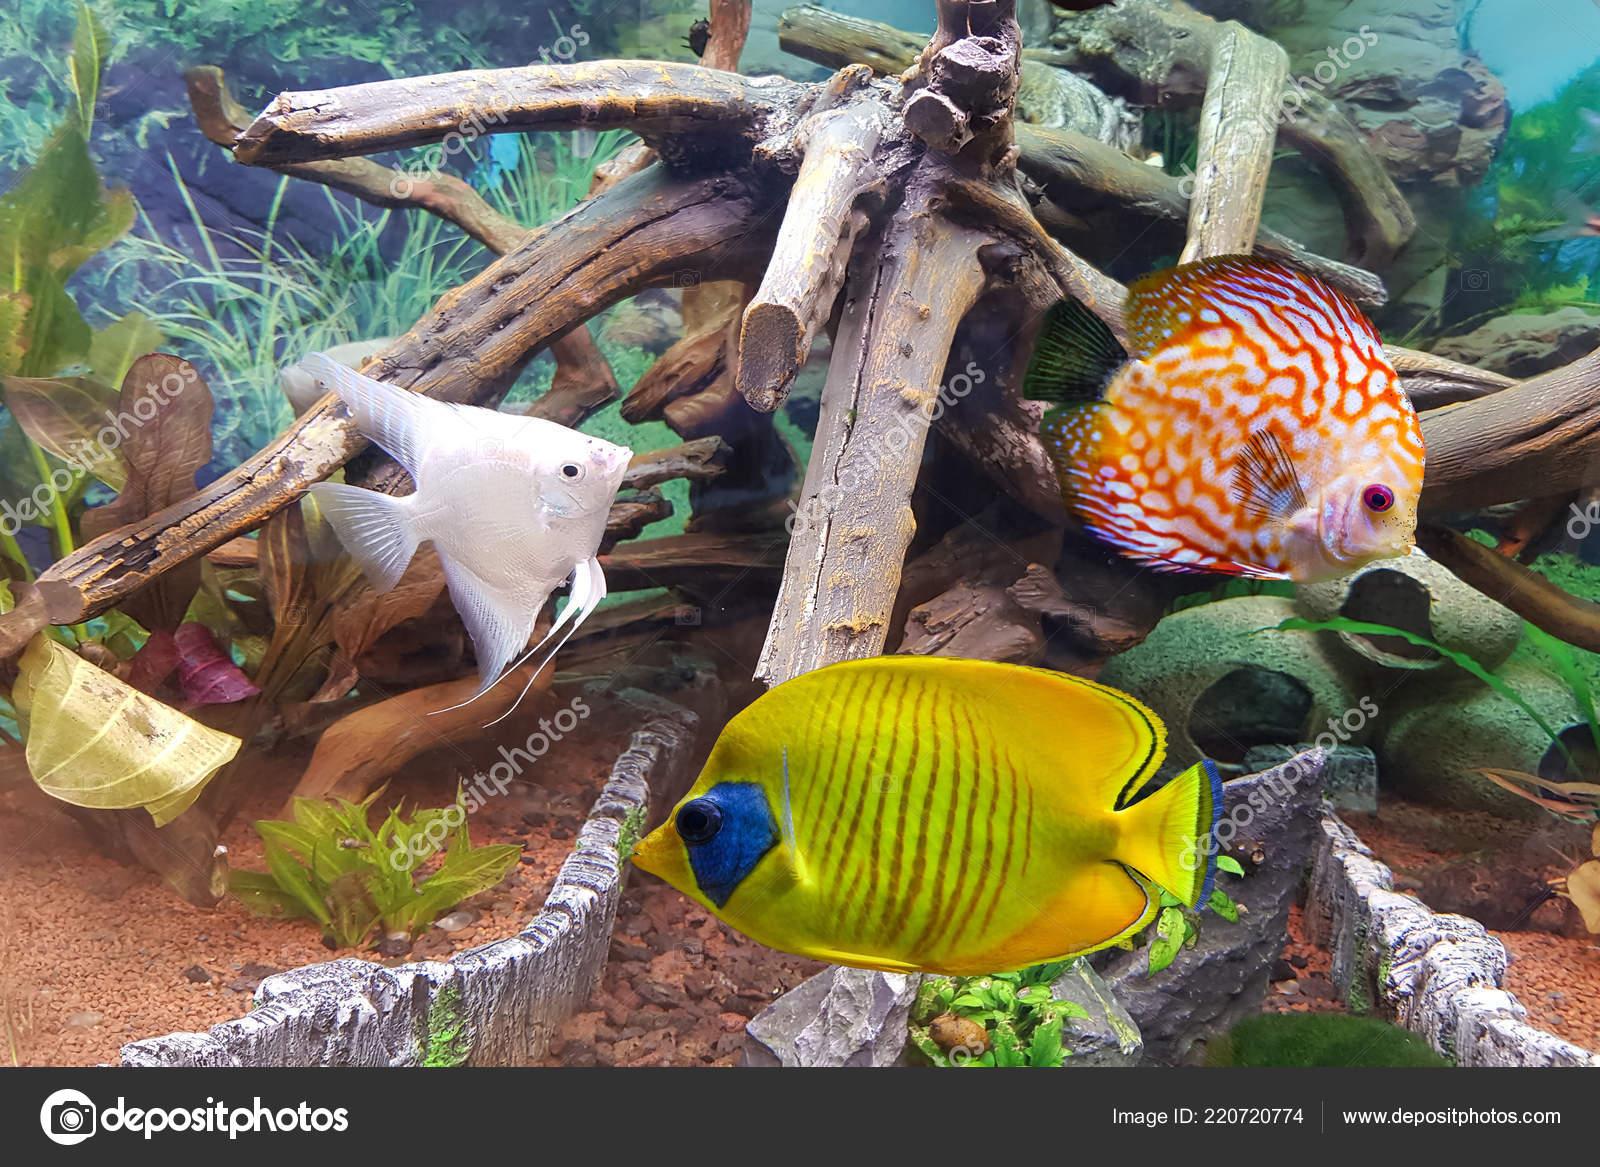 indoor aquarium tropical freshwater aquarium green plants decoration